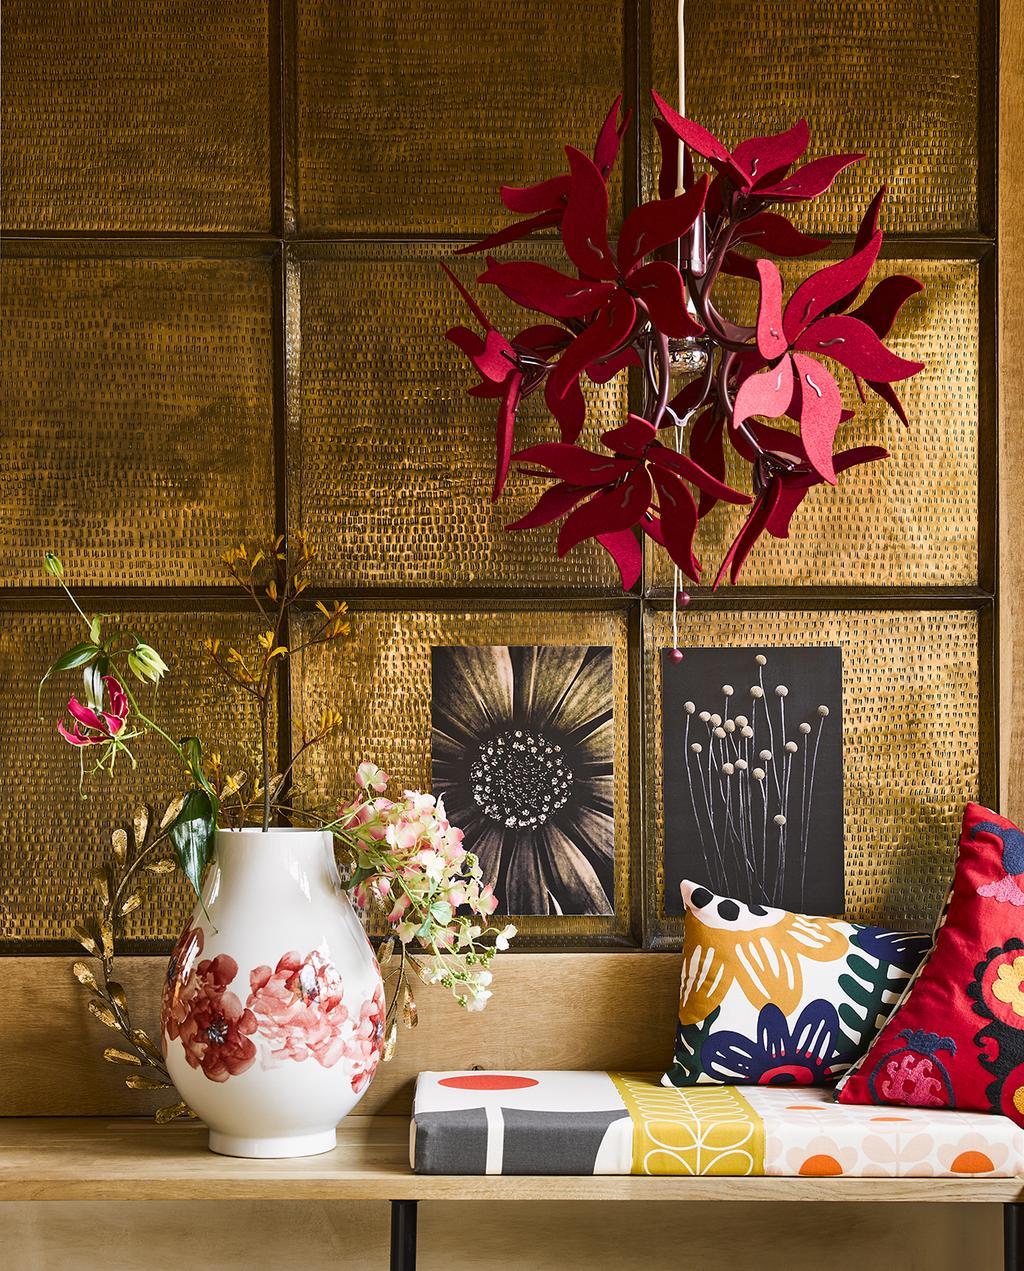 vtwonen 04-2020 | gedecoreerde wandplank met witte bloemenvaas en kleurrijke sierkussens